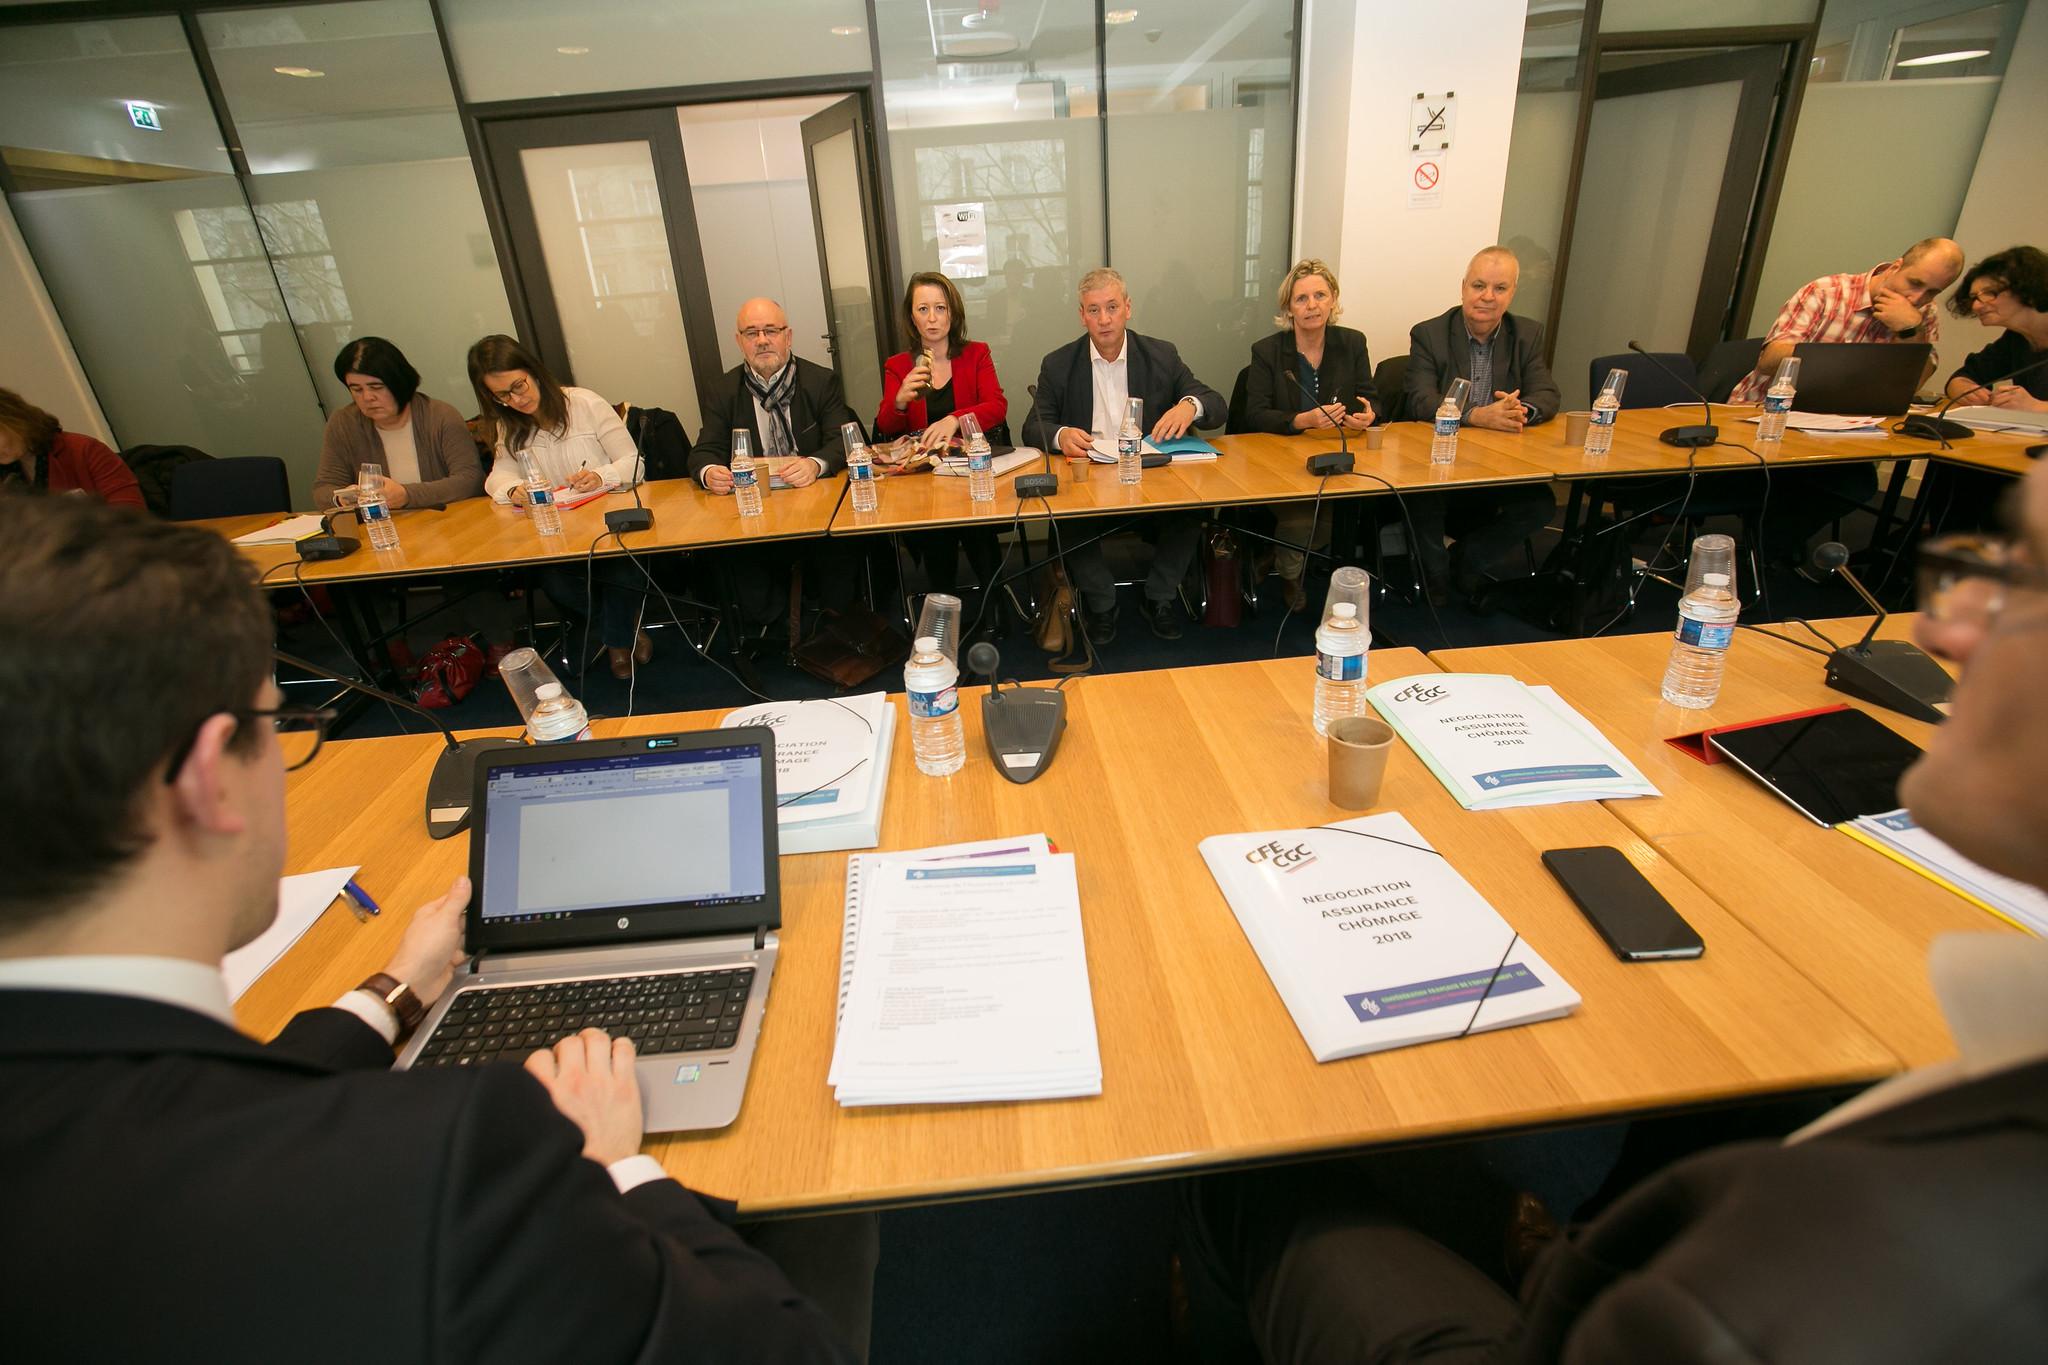 La délégation FO à la séance de négociation sur l'assurance chômage au siège du MEDEF à Paris, le 18 janvier 2018.